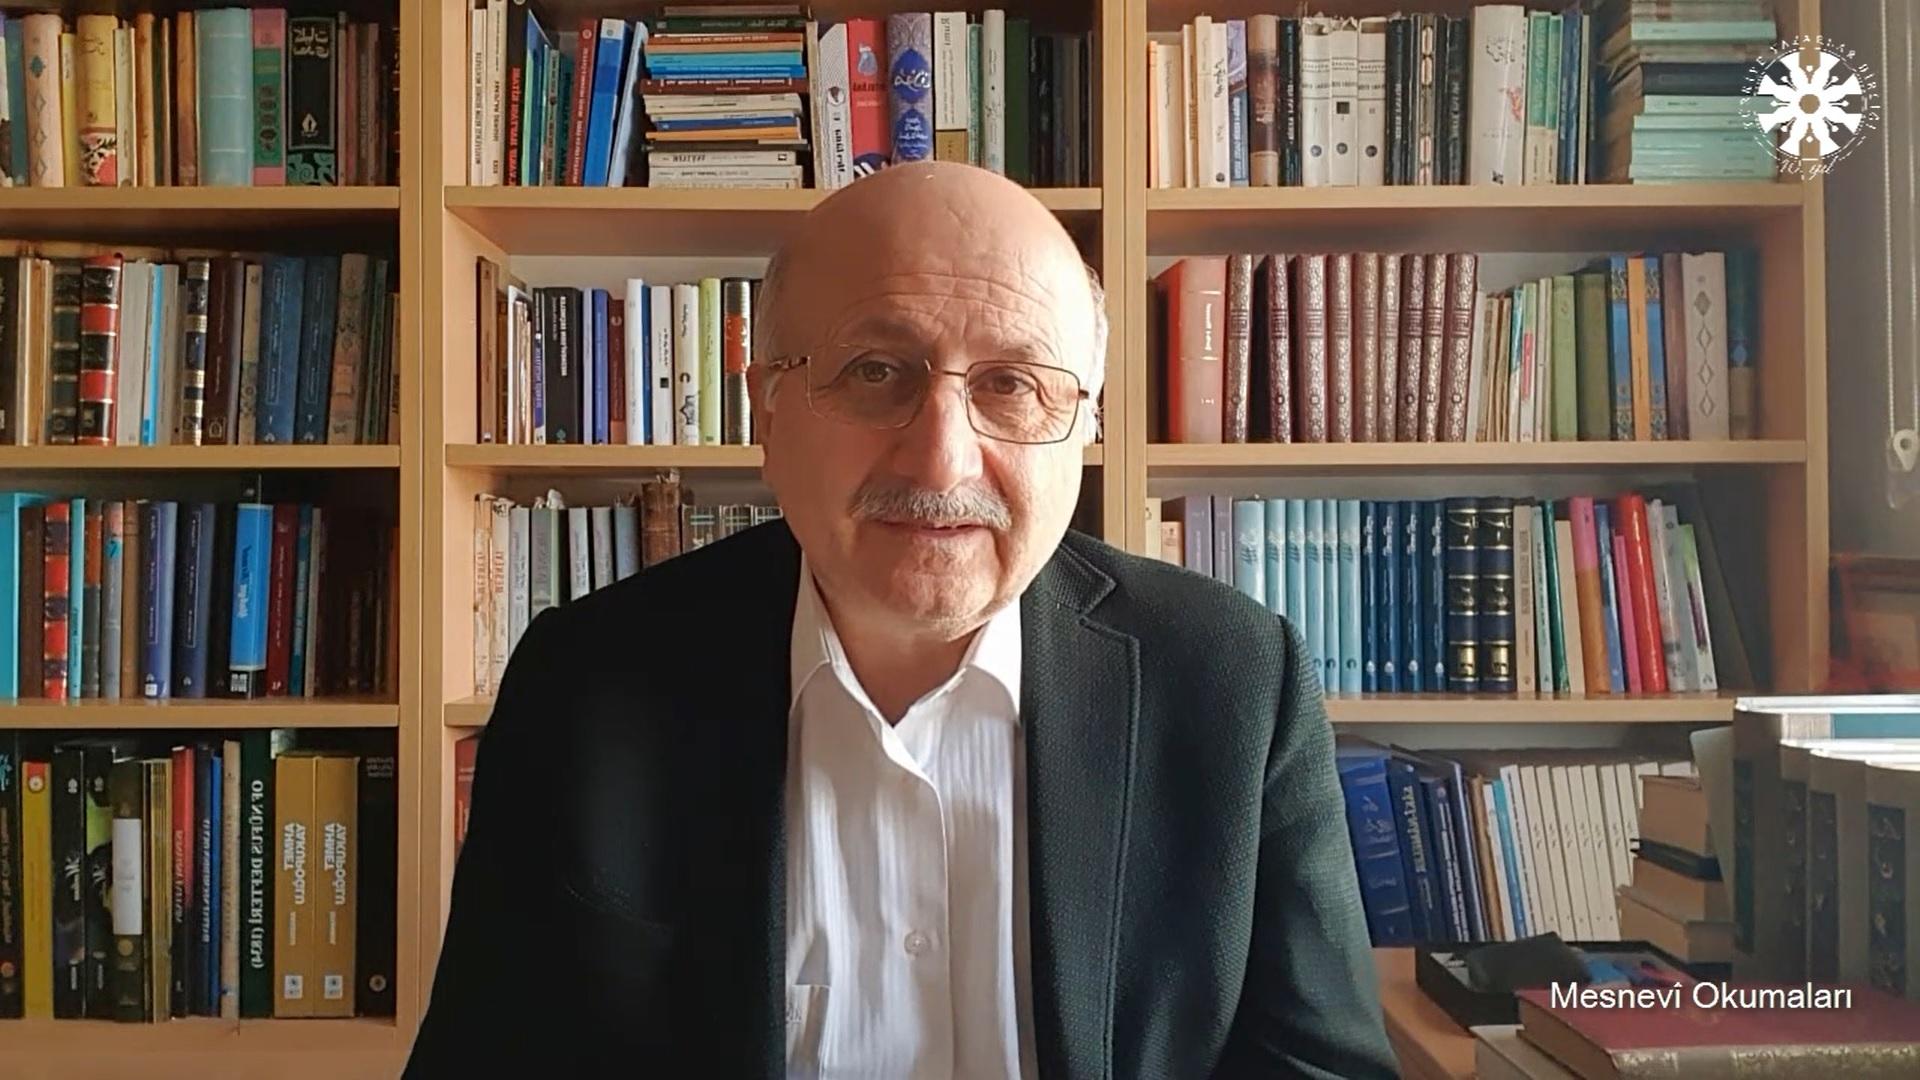 Mesnevî Okumaları -84- Prof. Dr. Adnan Karaismailoğlu